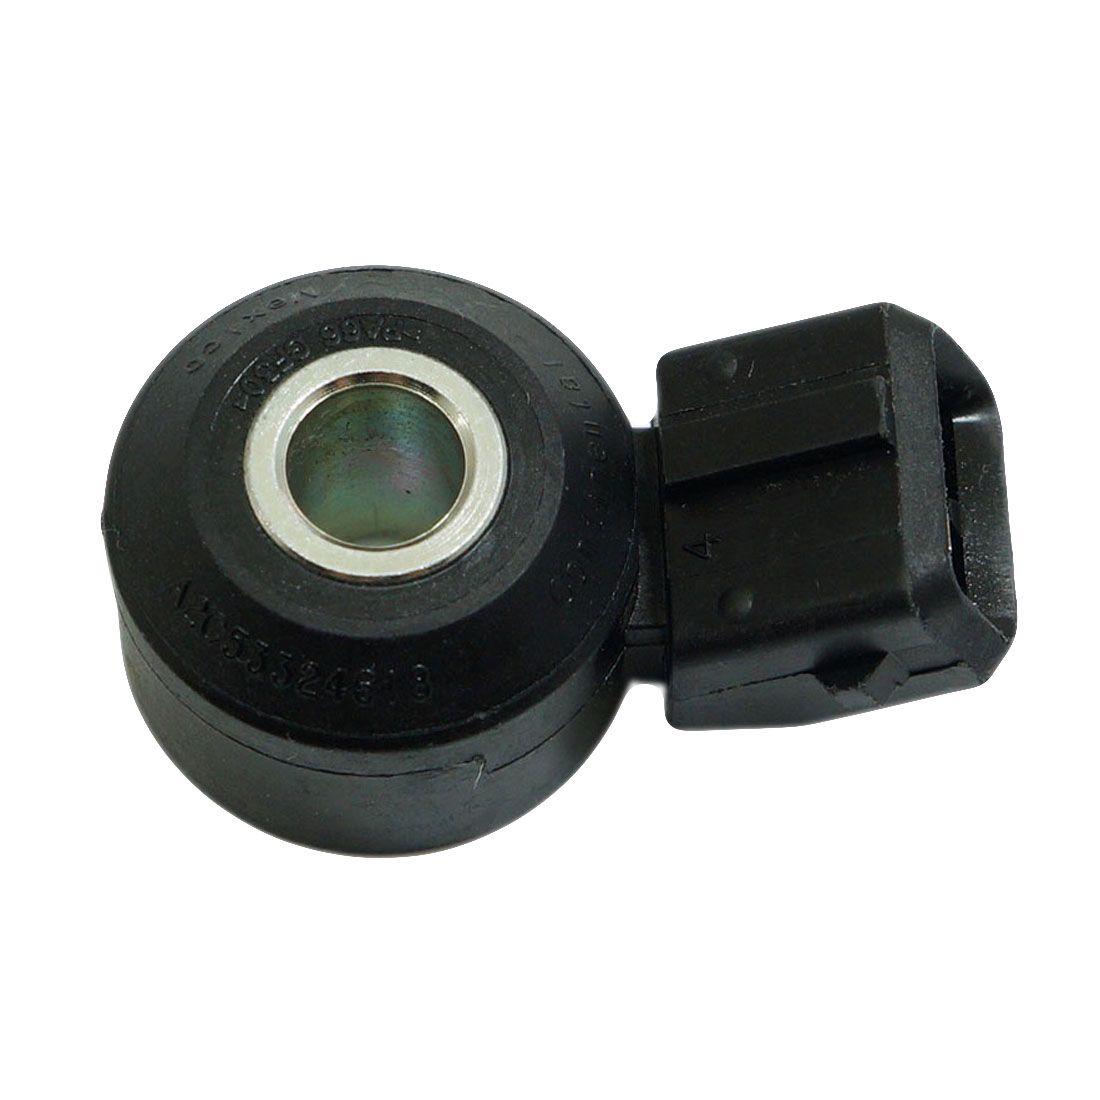 Commercio all'ingrosso di alta qualità A2C53324618 sensore battito per molte automobili